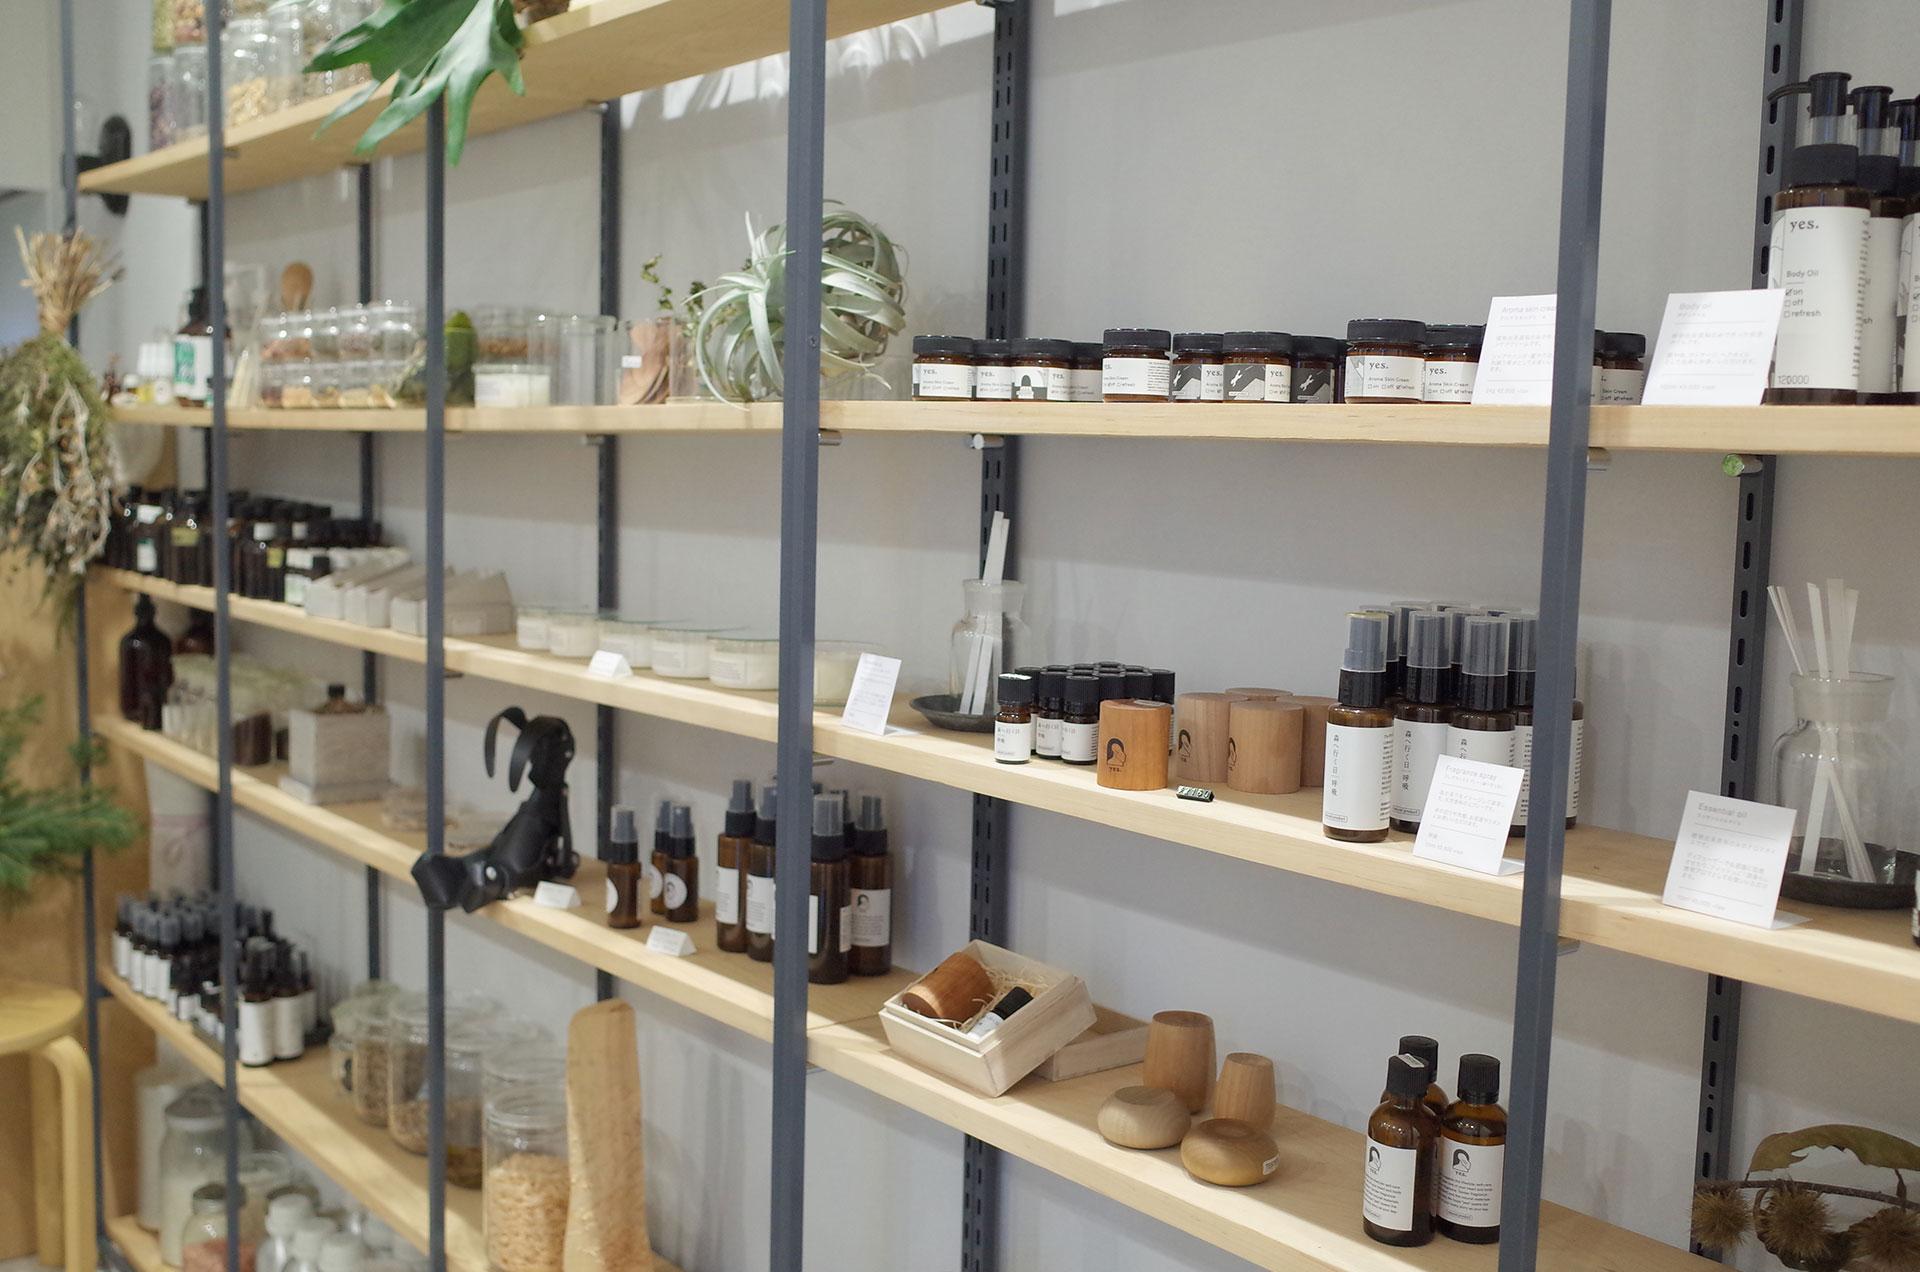 アロマと出会える『fragrance yes』の新店舗が六本木に誕生